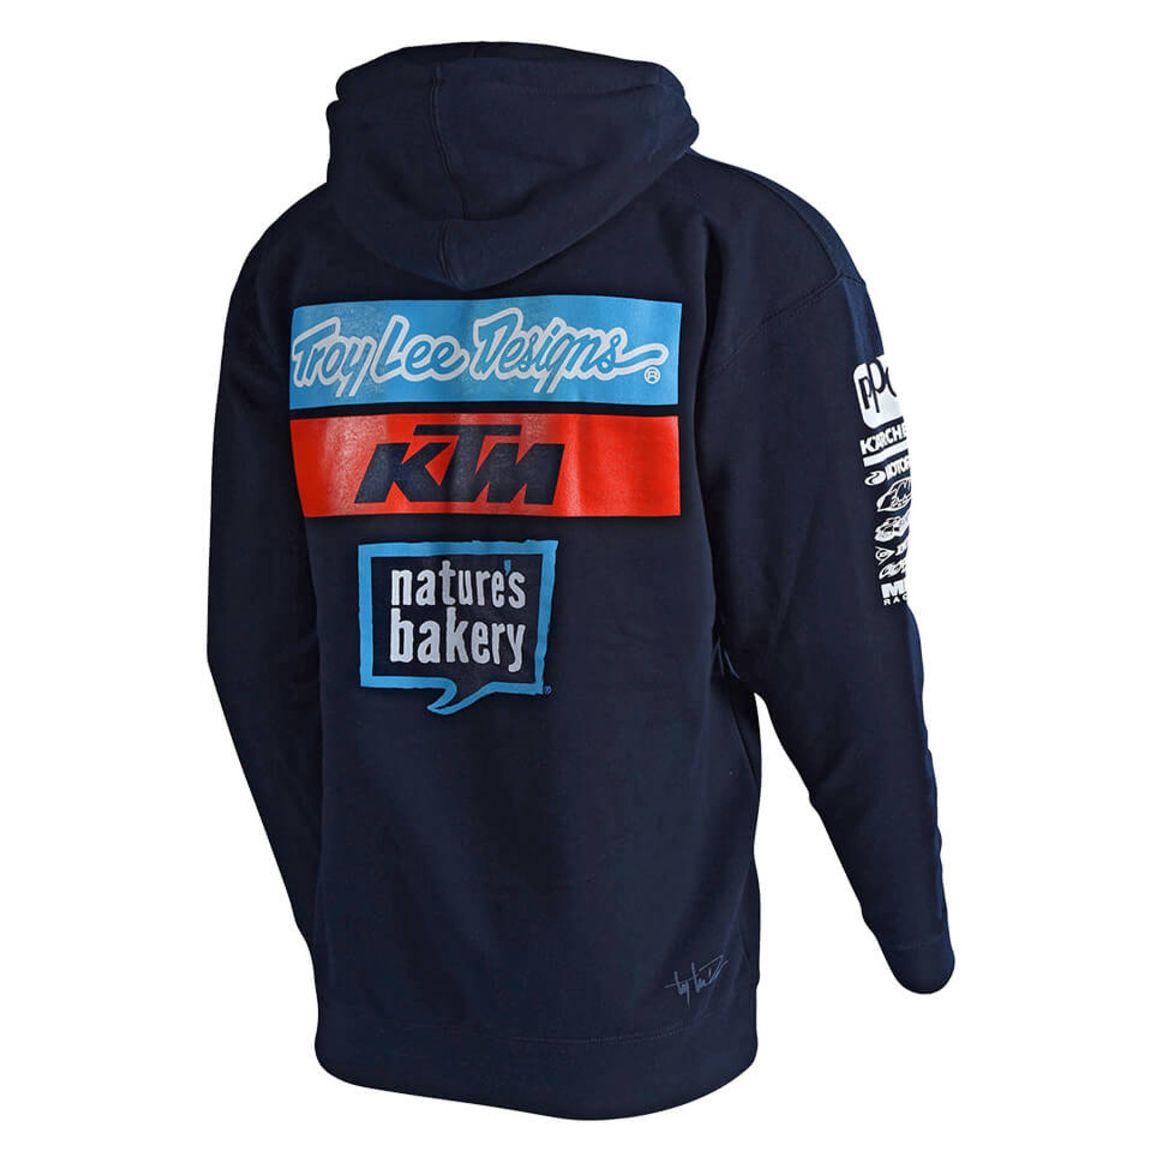 Ktm Team Tld Sportswear Troylee Design Fleece Veste Navy Zipup wIqTtxWA6